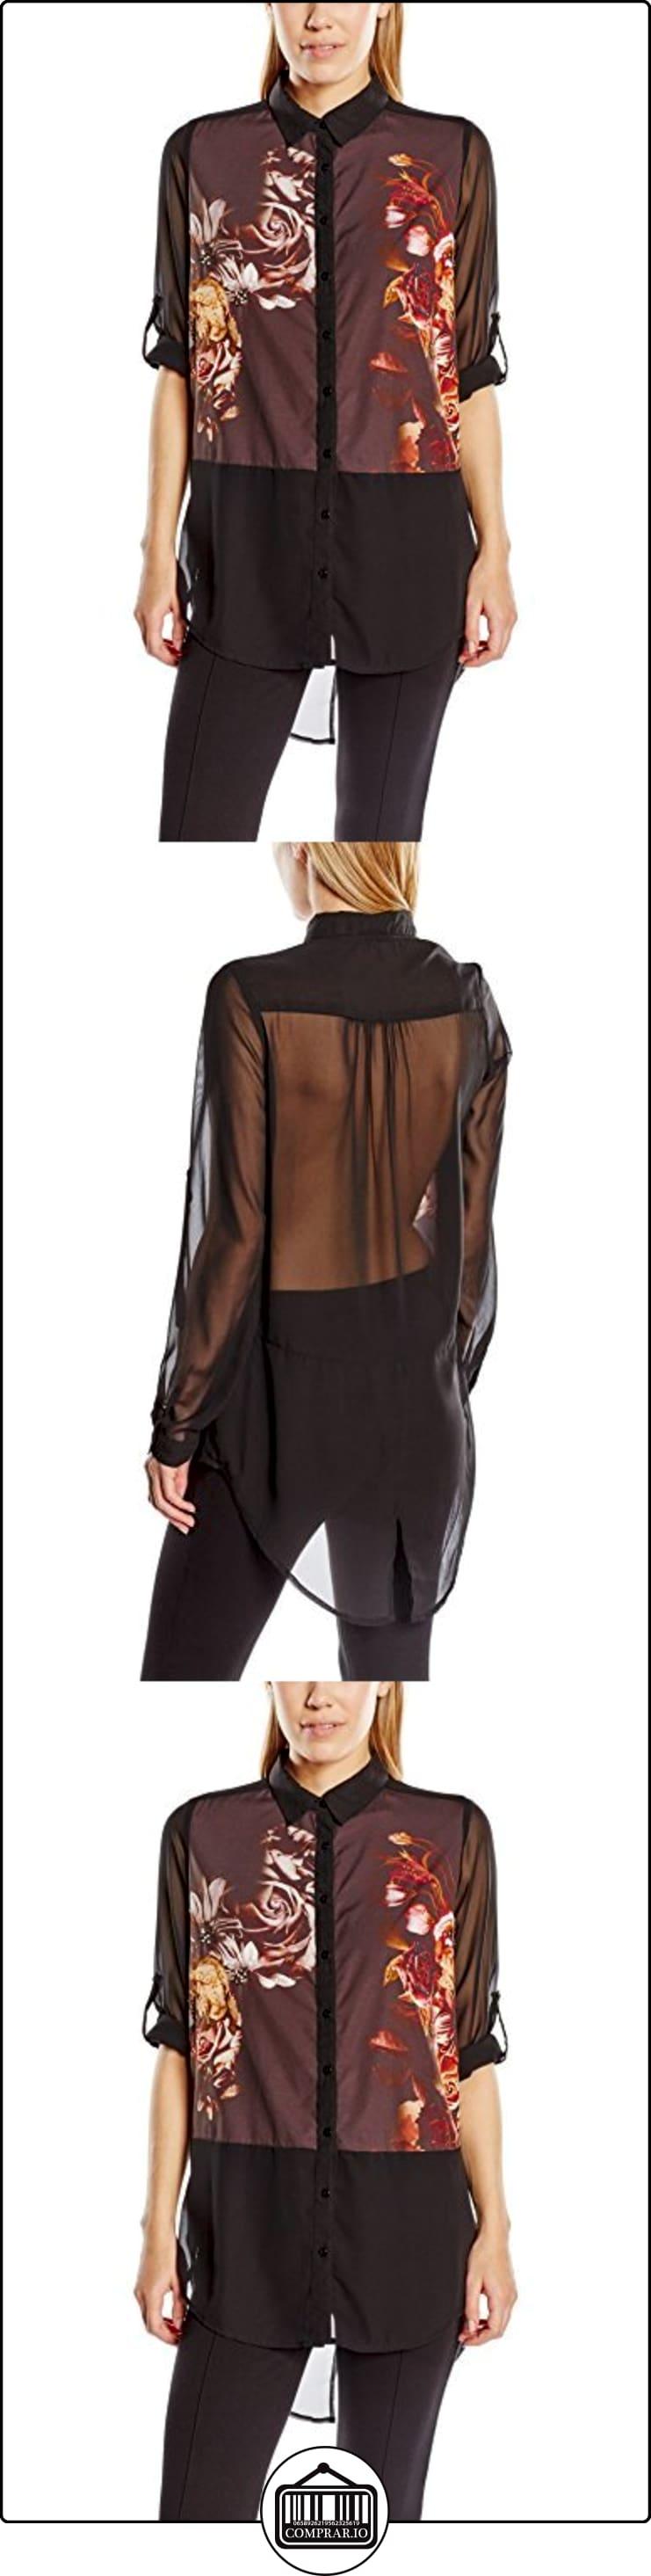 Derhy W420067-camisa Mujer    negro 40  ✿ Blusas y camisas ✿